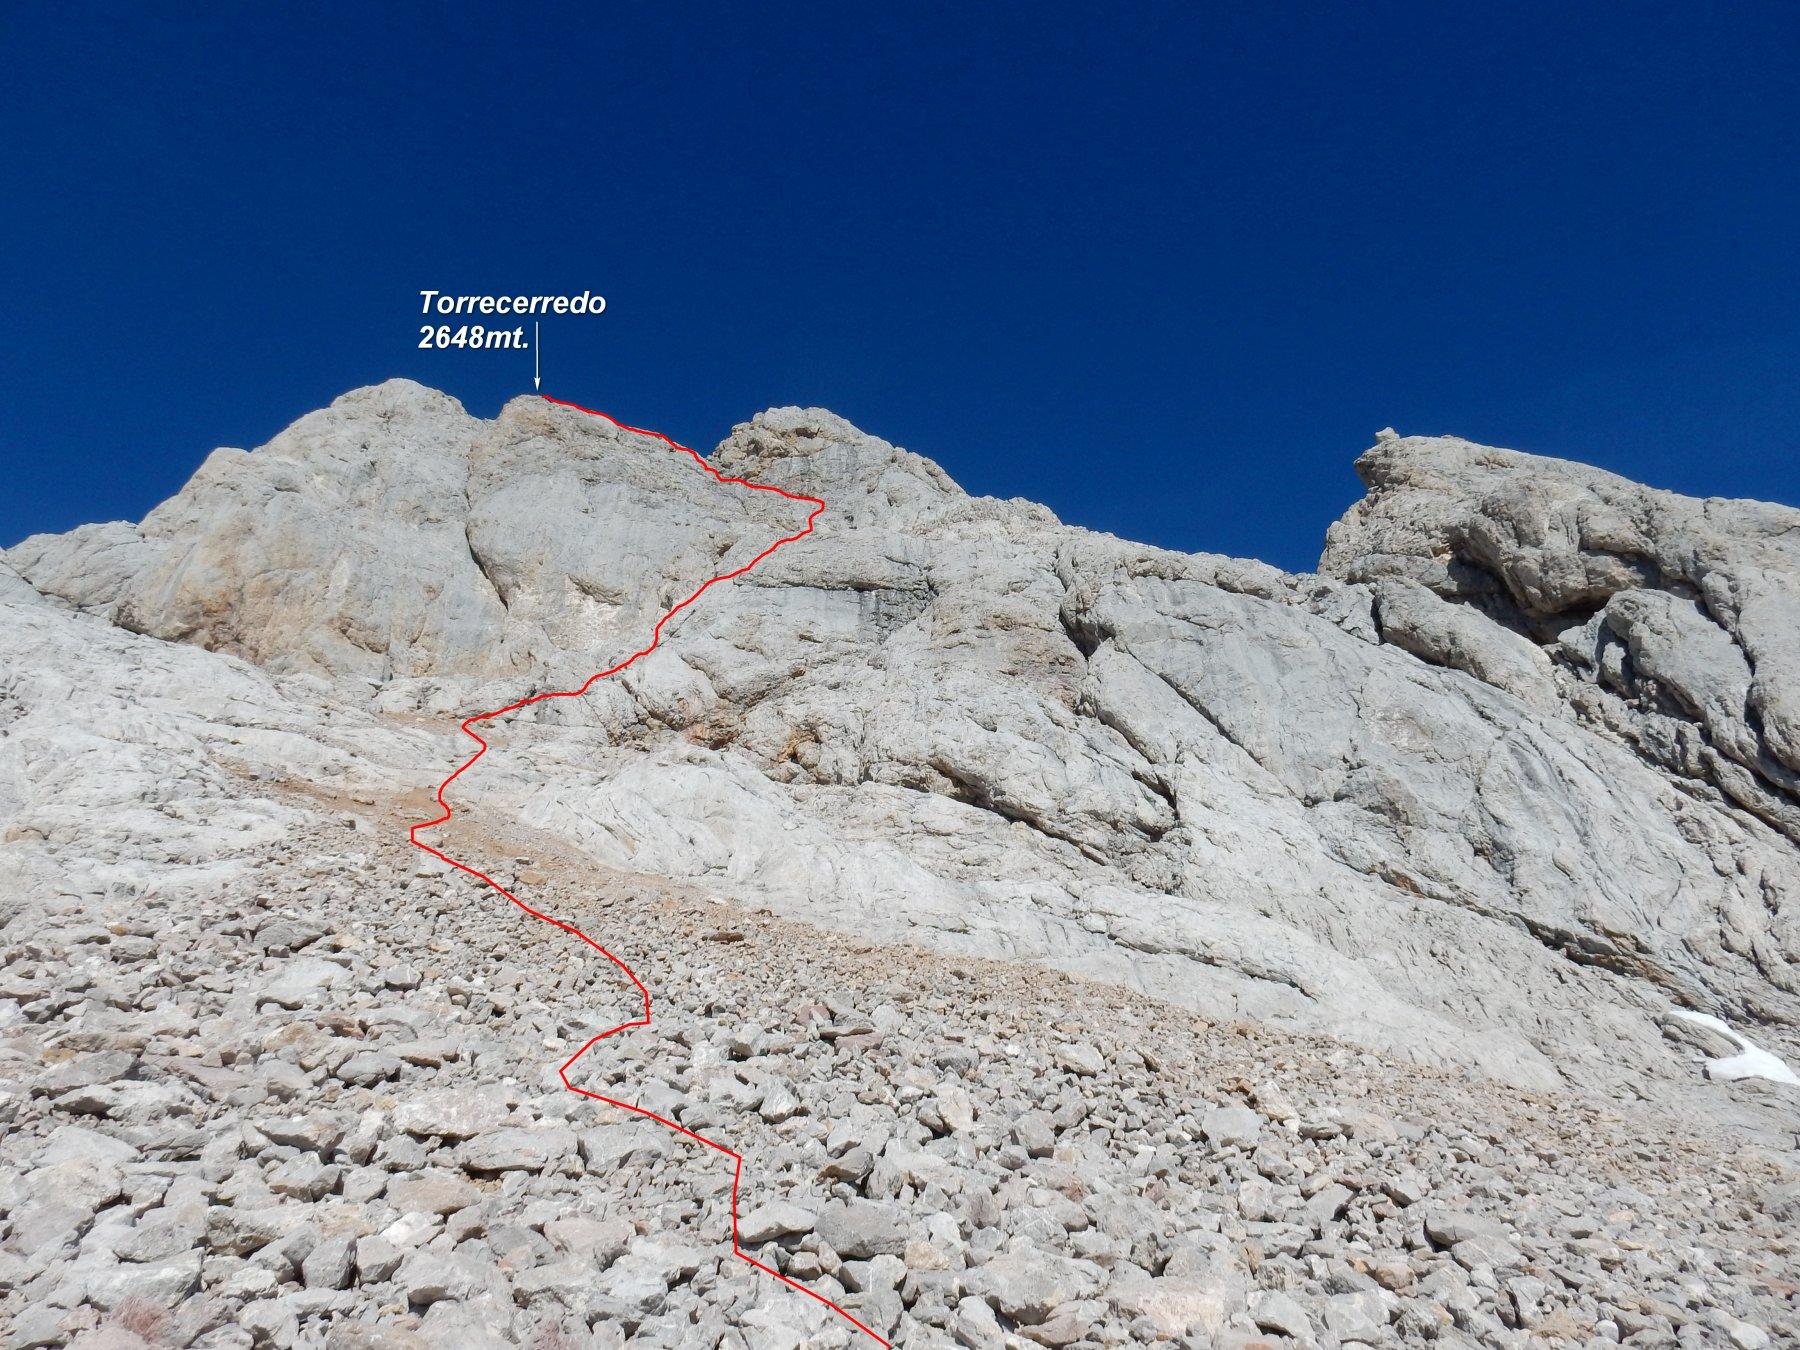 In rosso la traccia che sale al Torrecerredo.